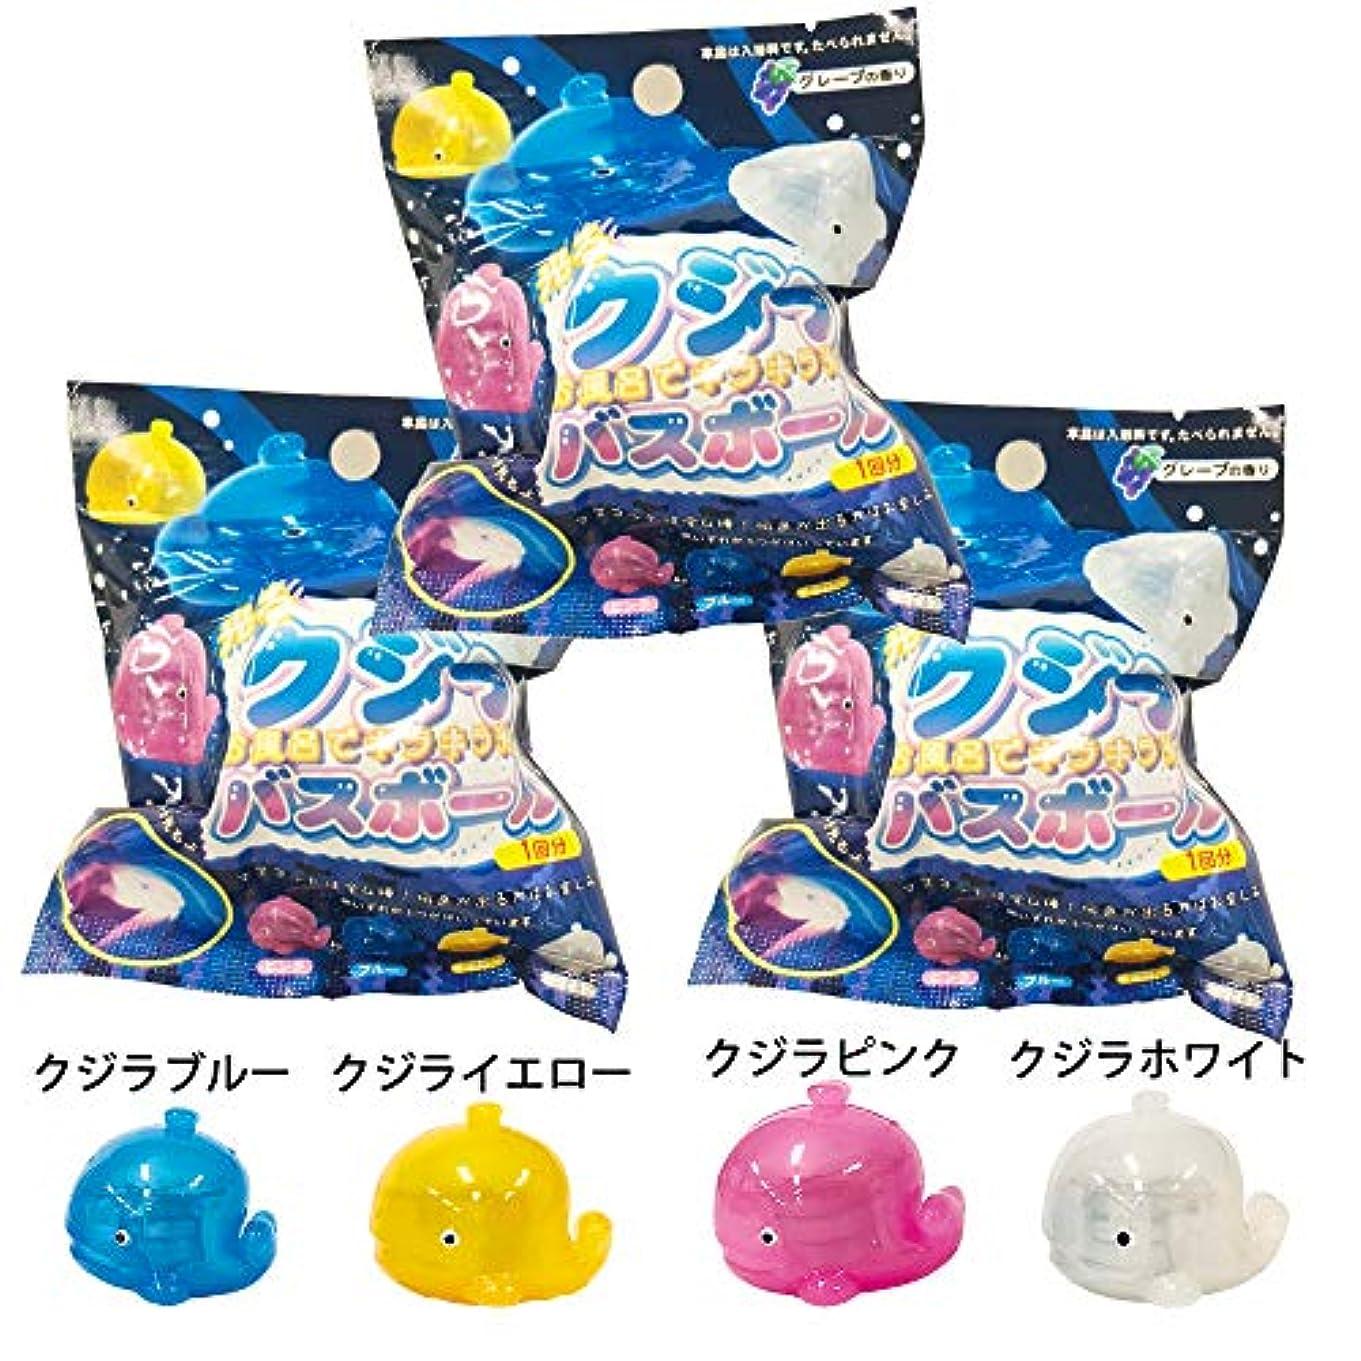 ピッチャー闇学部【3個セット】 光る レインボー バスボール 入浴剤 クジラ グレープの香り